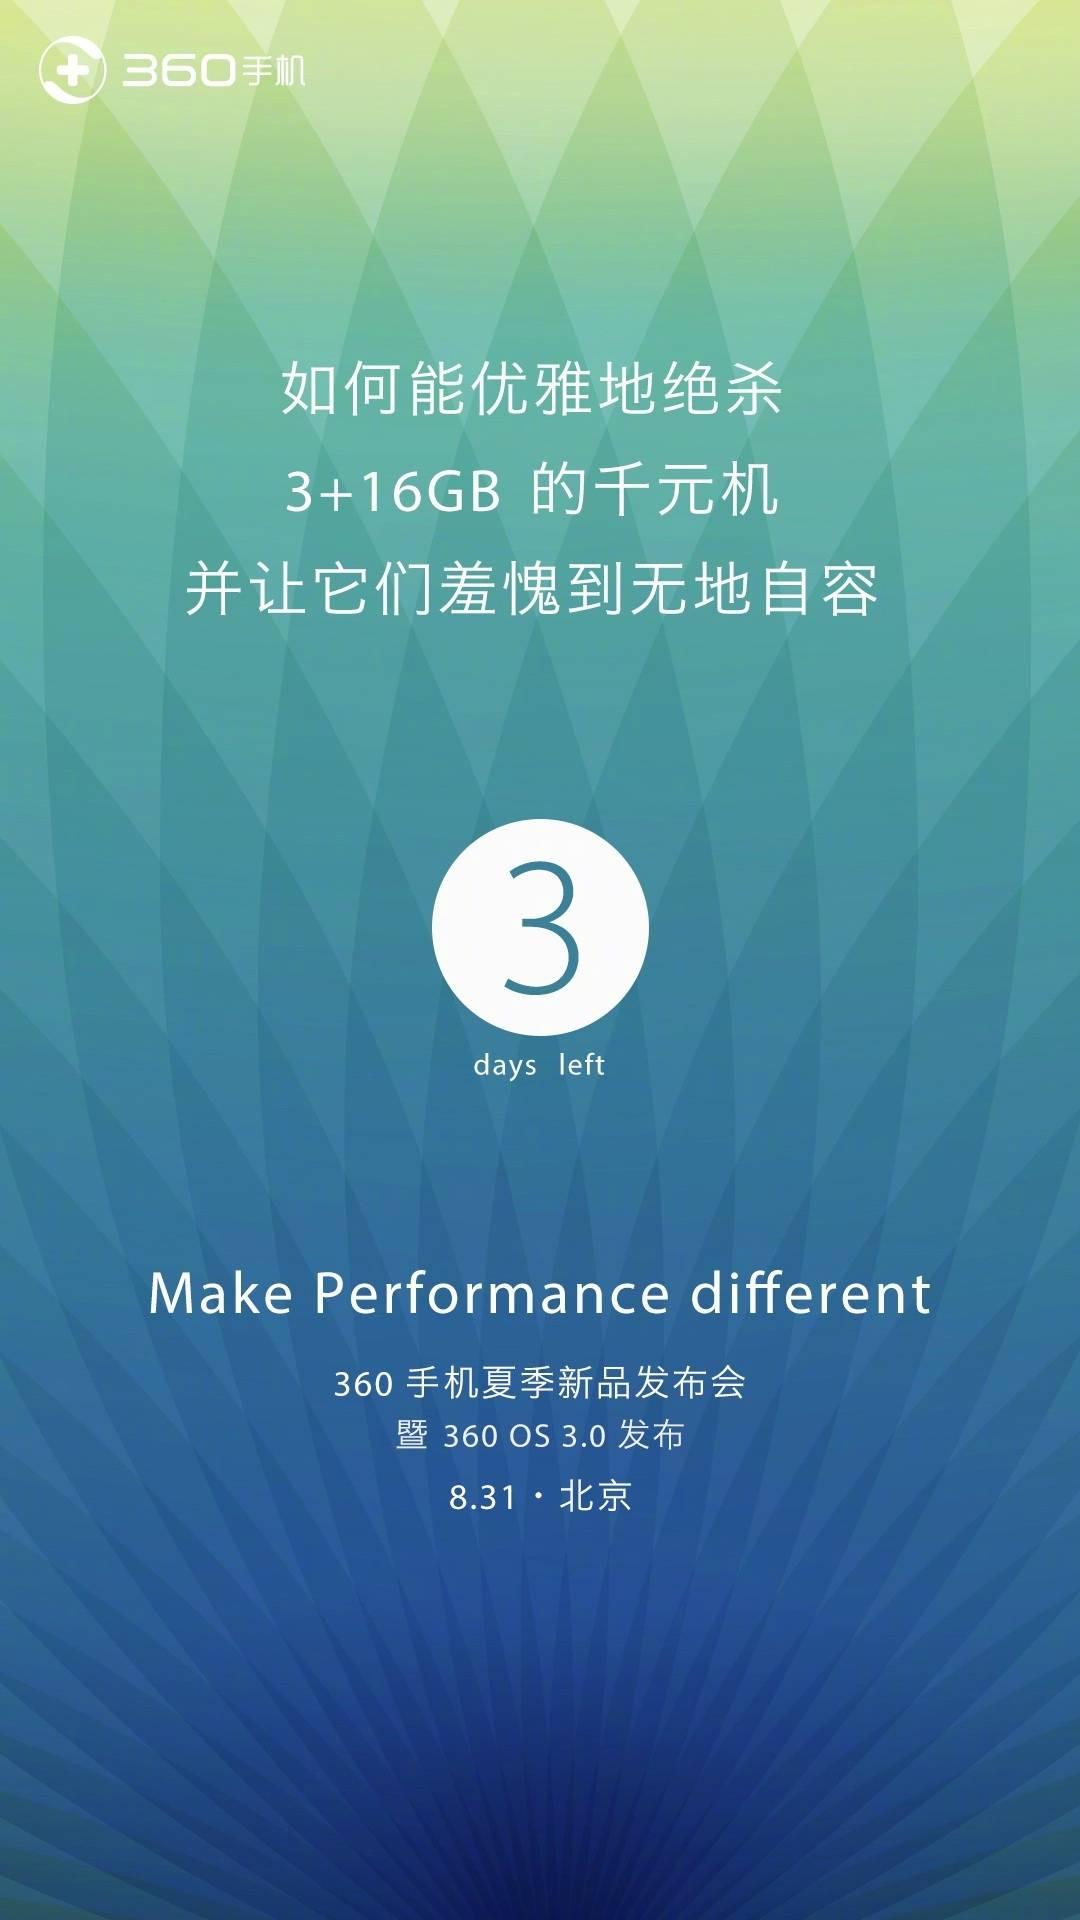 360千元新机明天发布,但目标并不是红米Note5A!